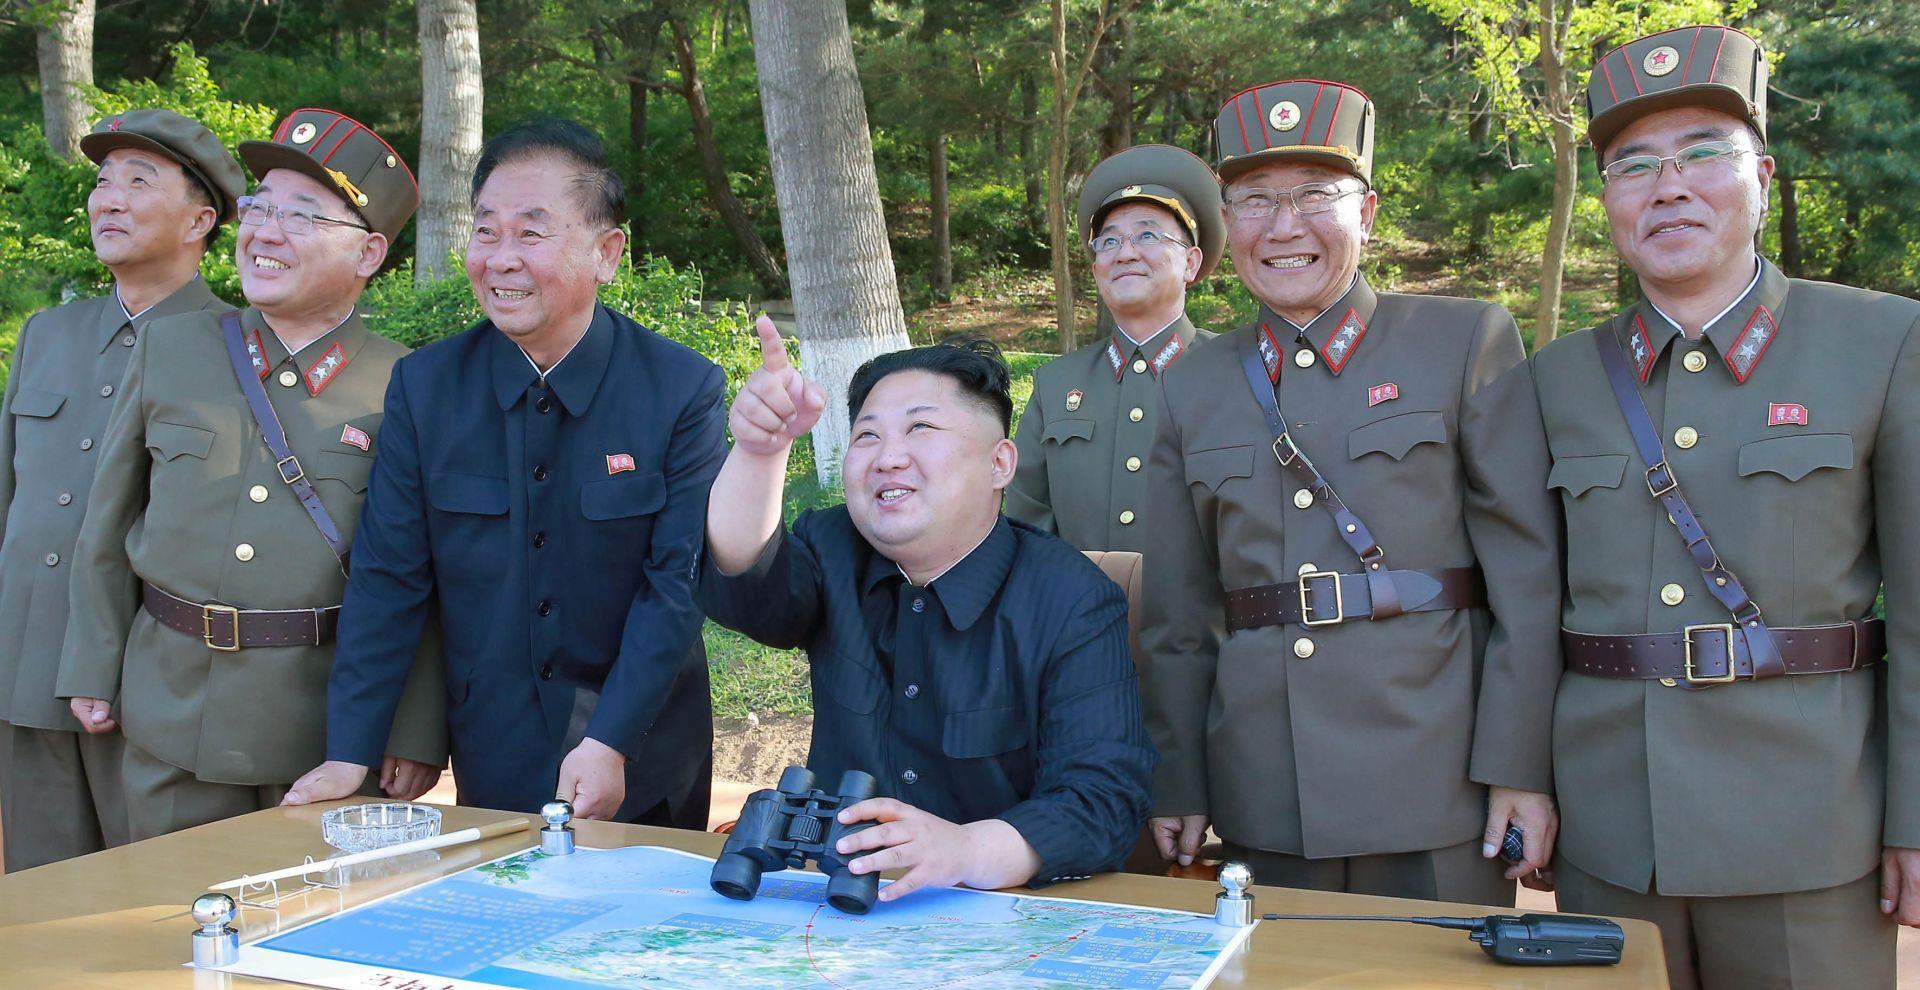 SP 2022: Dvije Koreje u istoj skupini